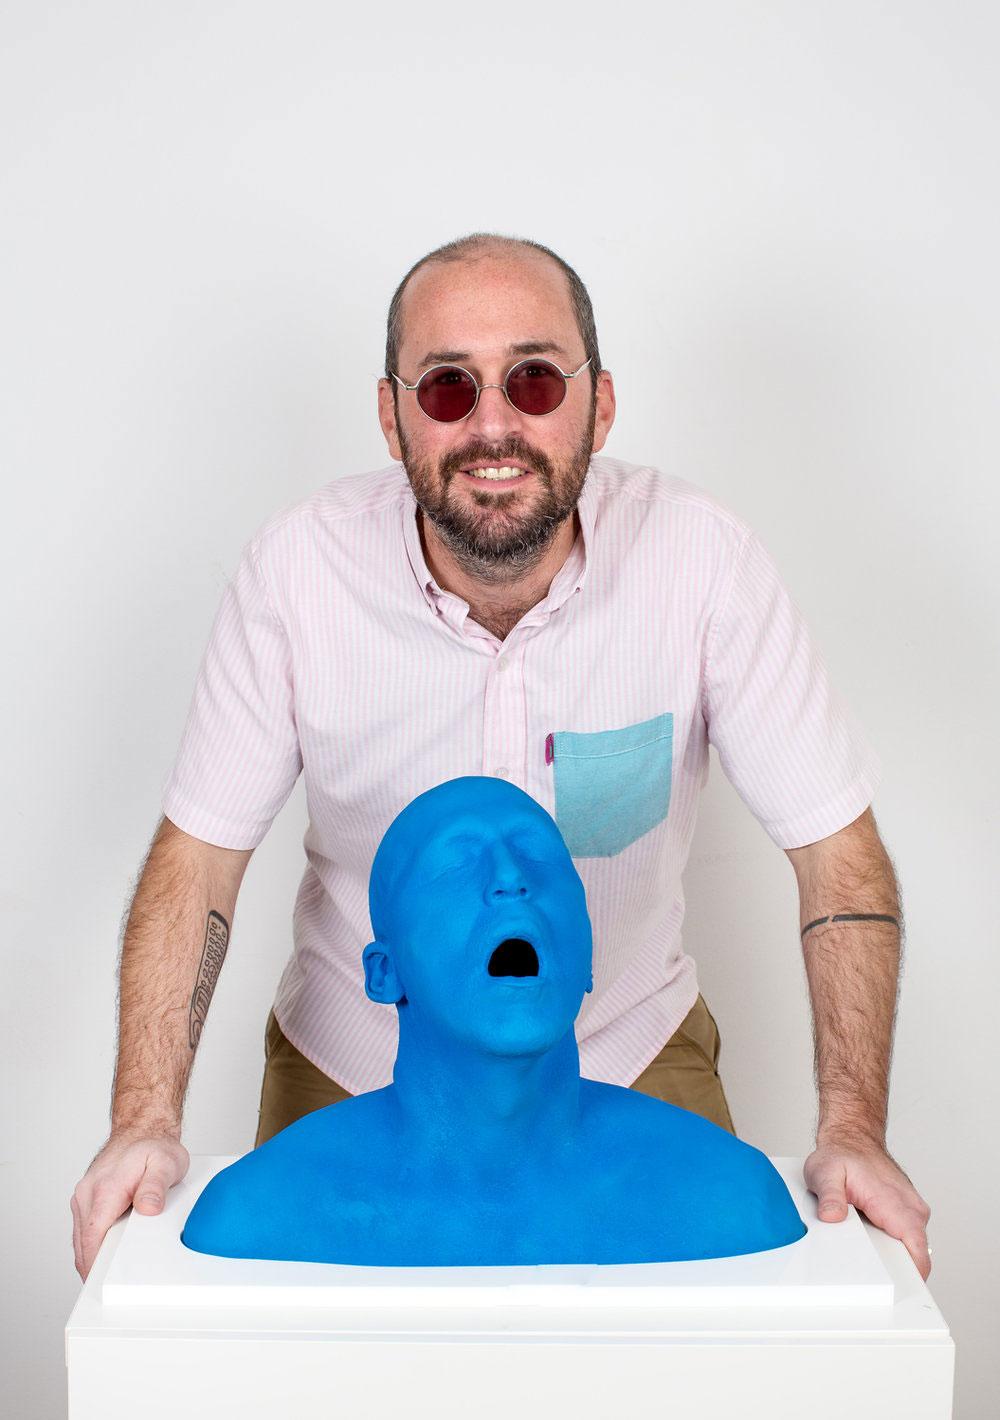 luigi-cuchillo-escultura-orgasmo.jpg